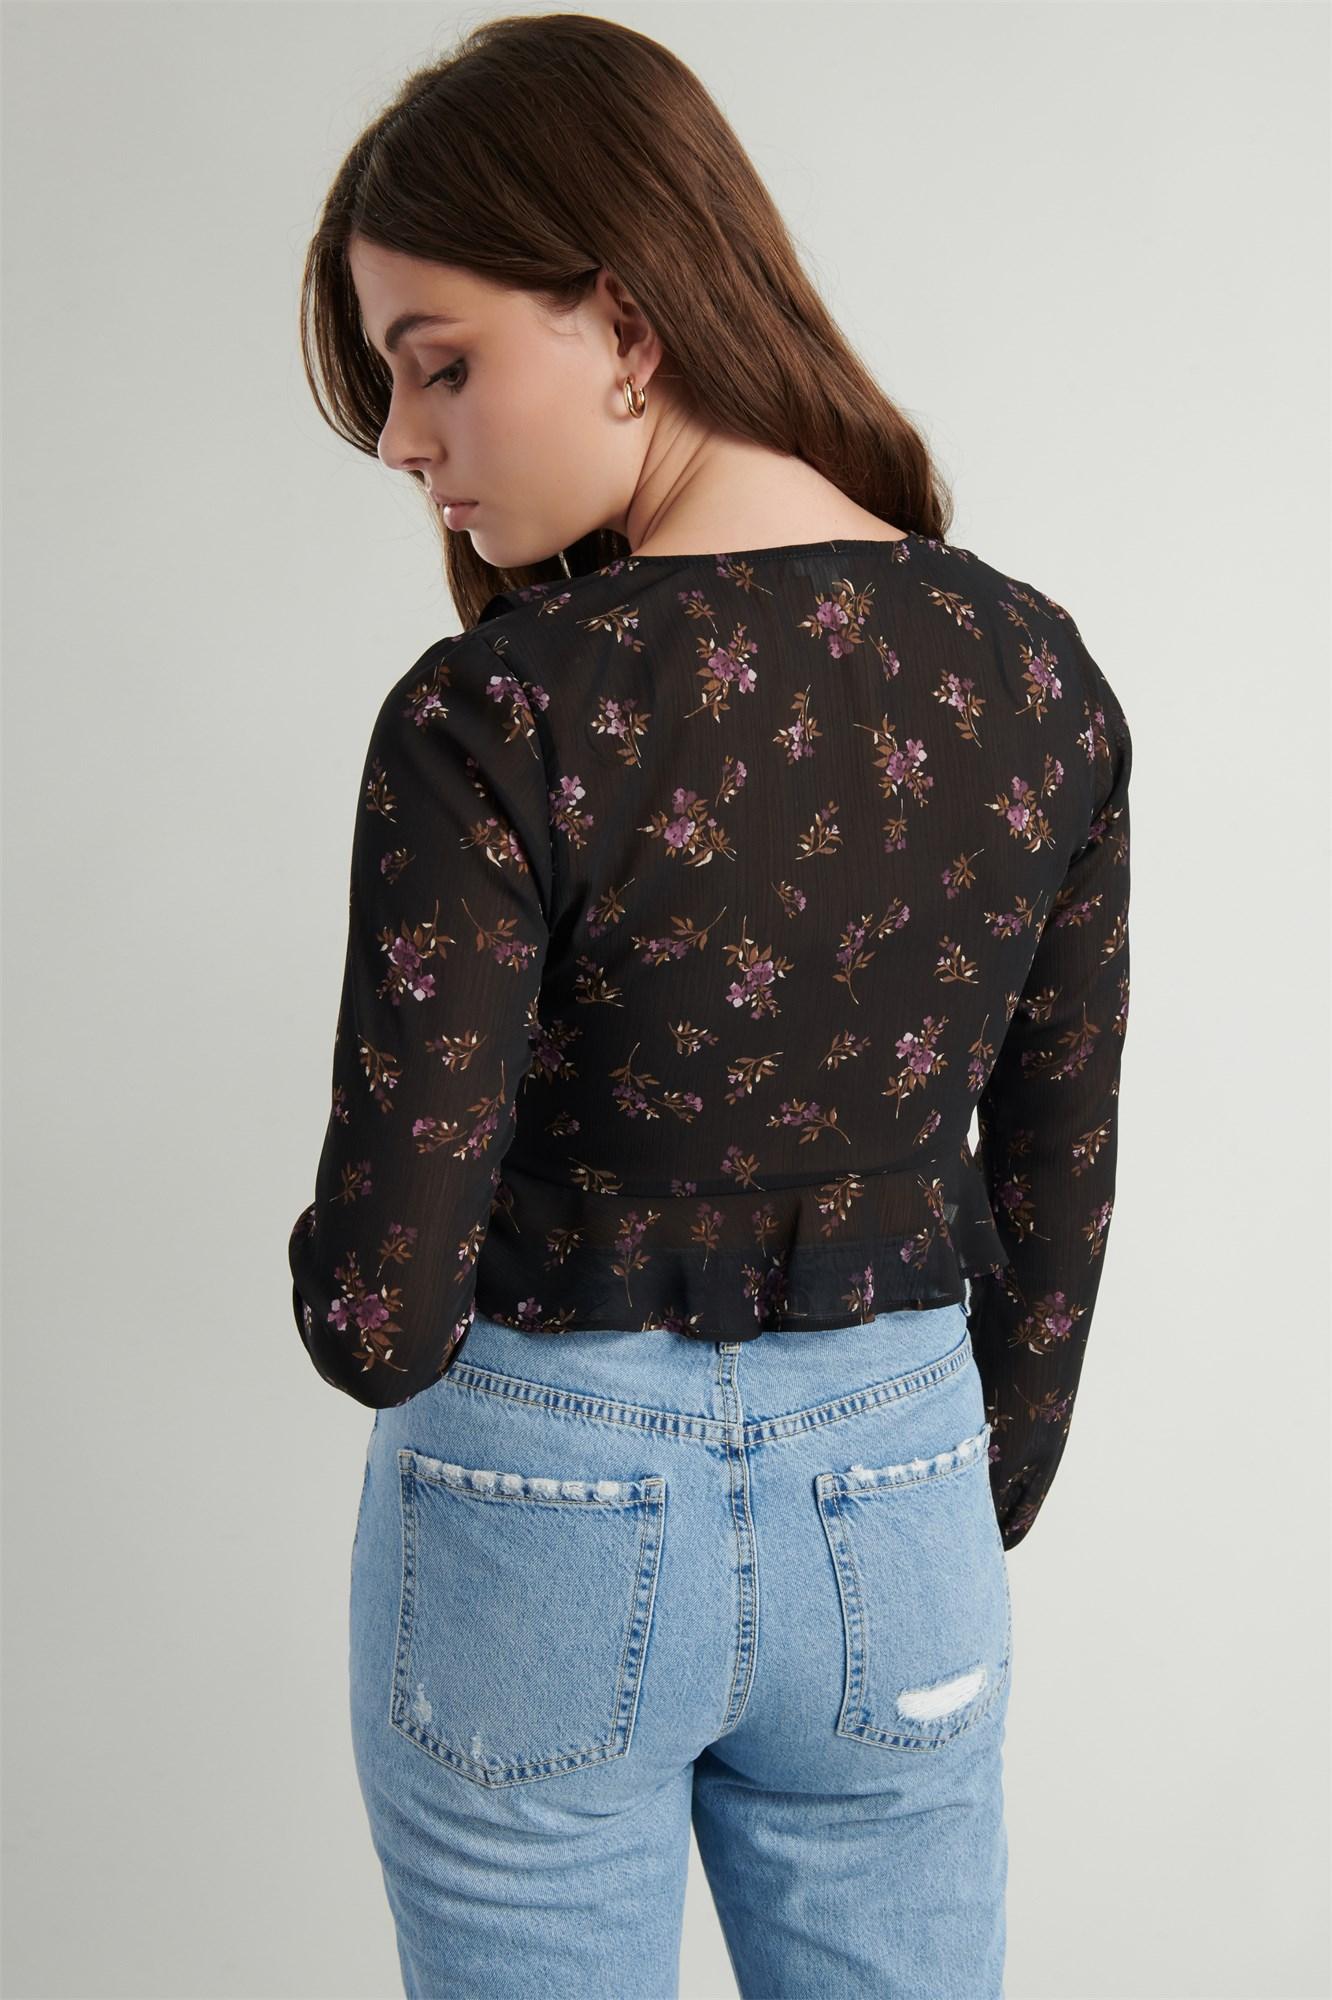 Image 5 of Chiffon Ruffle Shirt